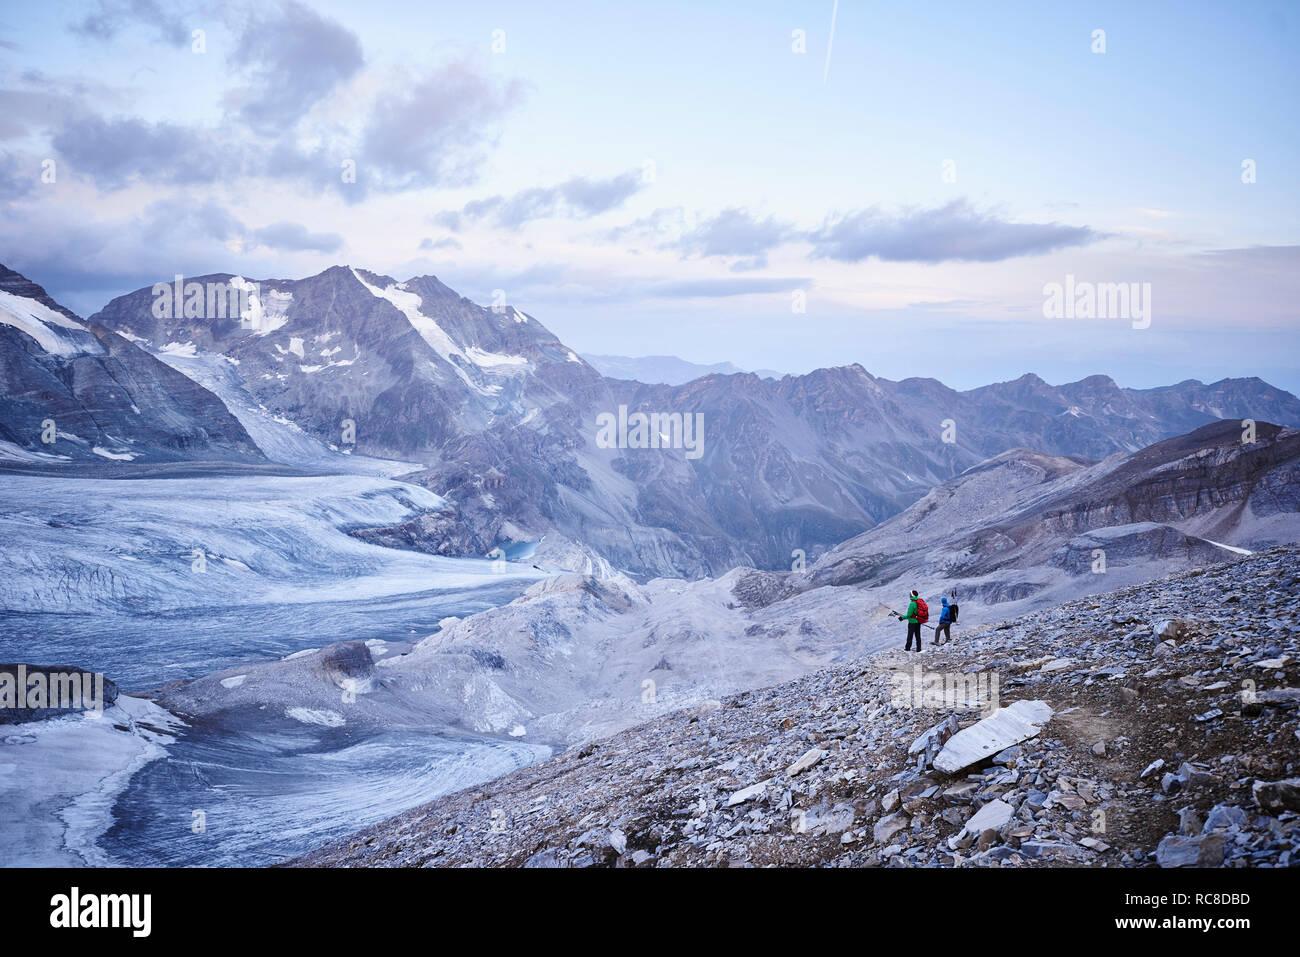 Amis Randonneurs à la recherche, dans le glacier du Mont Cervin, Matterhorn, Valais, Suisse Banque D'Images